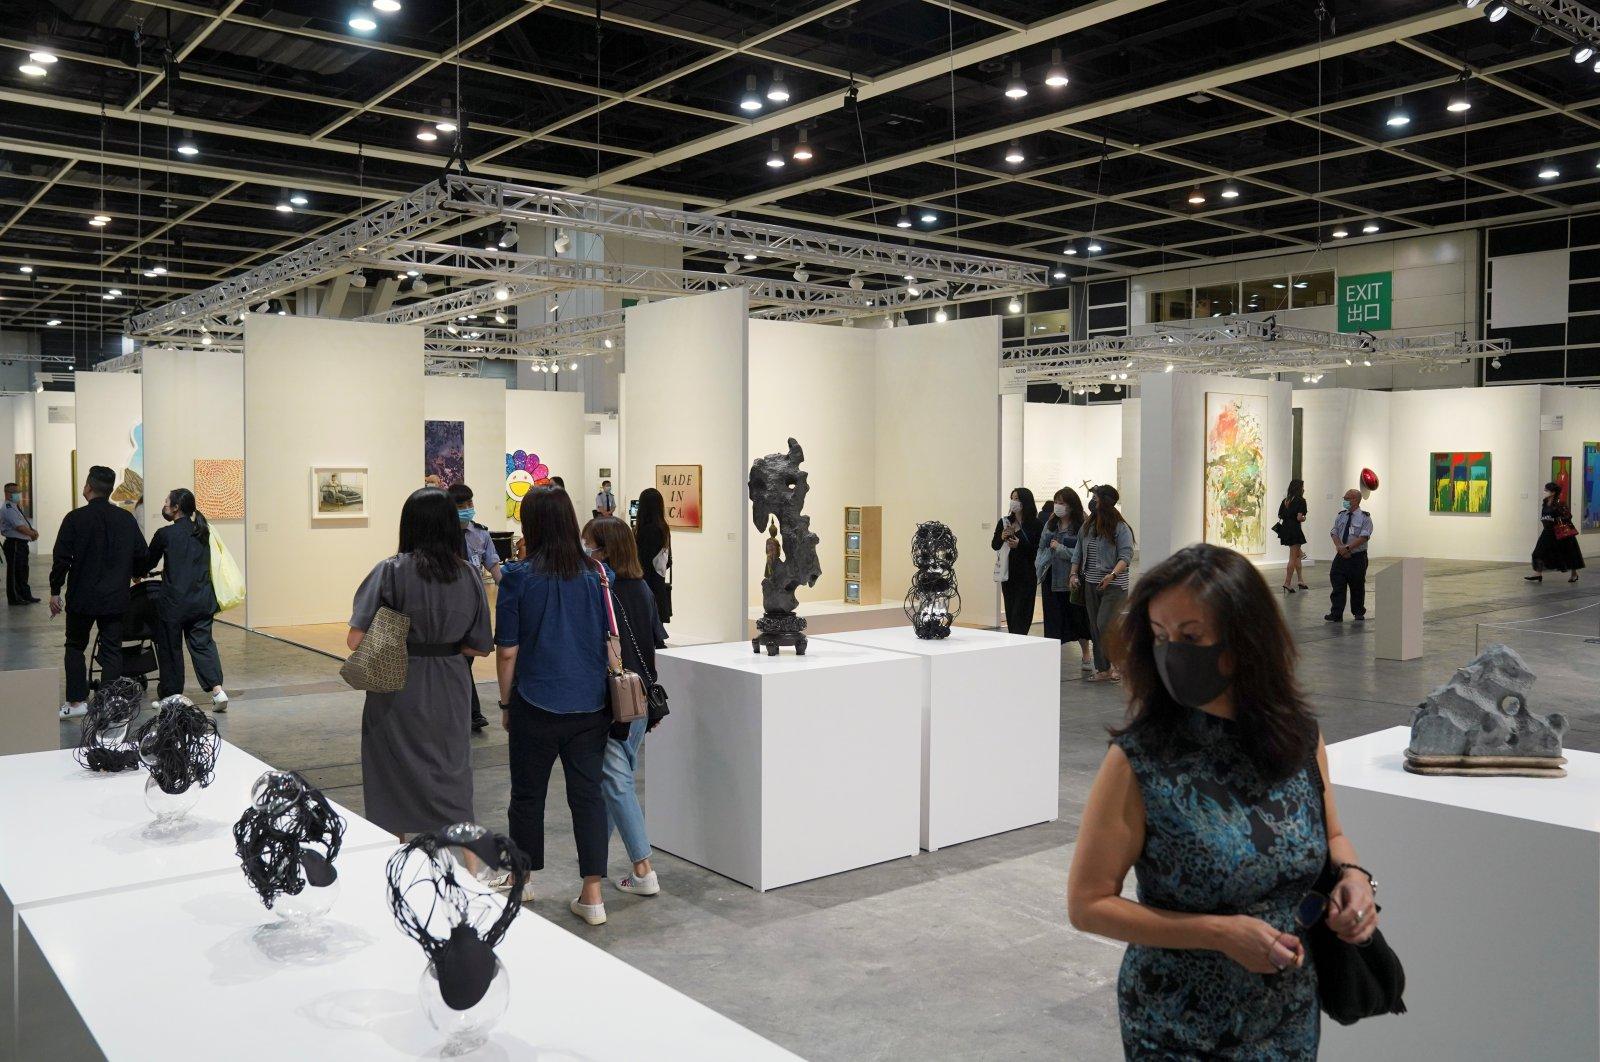 Visitors look at artworks displayed at Art Basel in Hong Kong, China, May 19, 2021. (Reuters Photo)